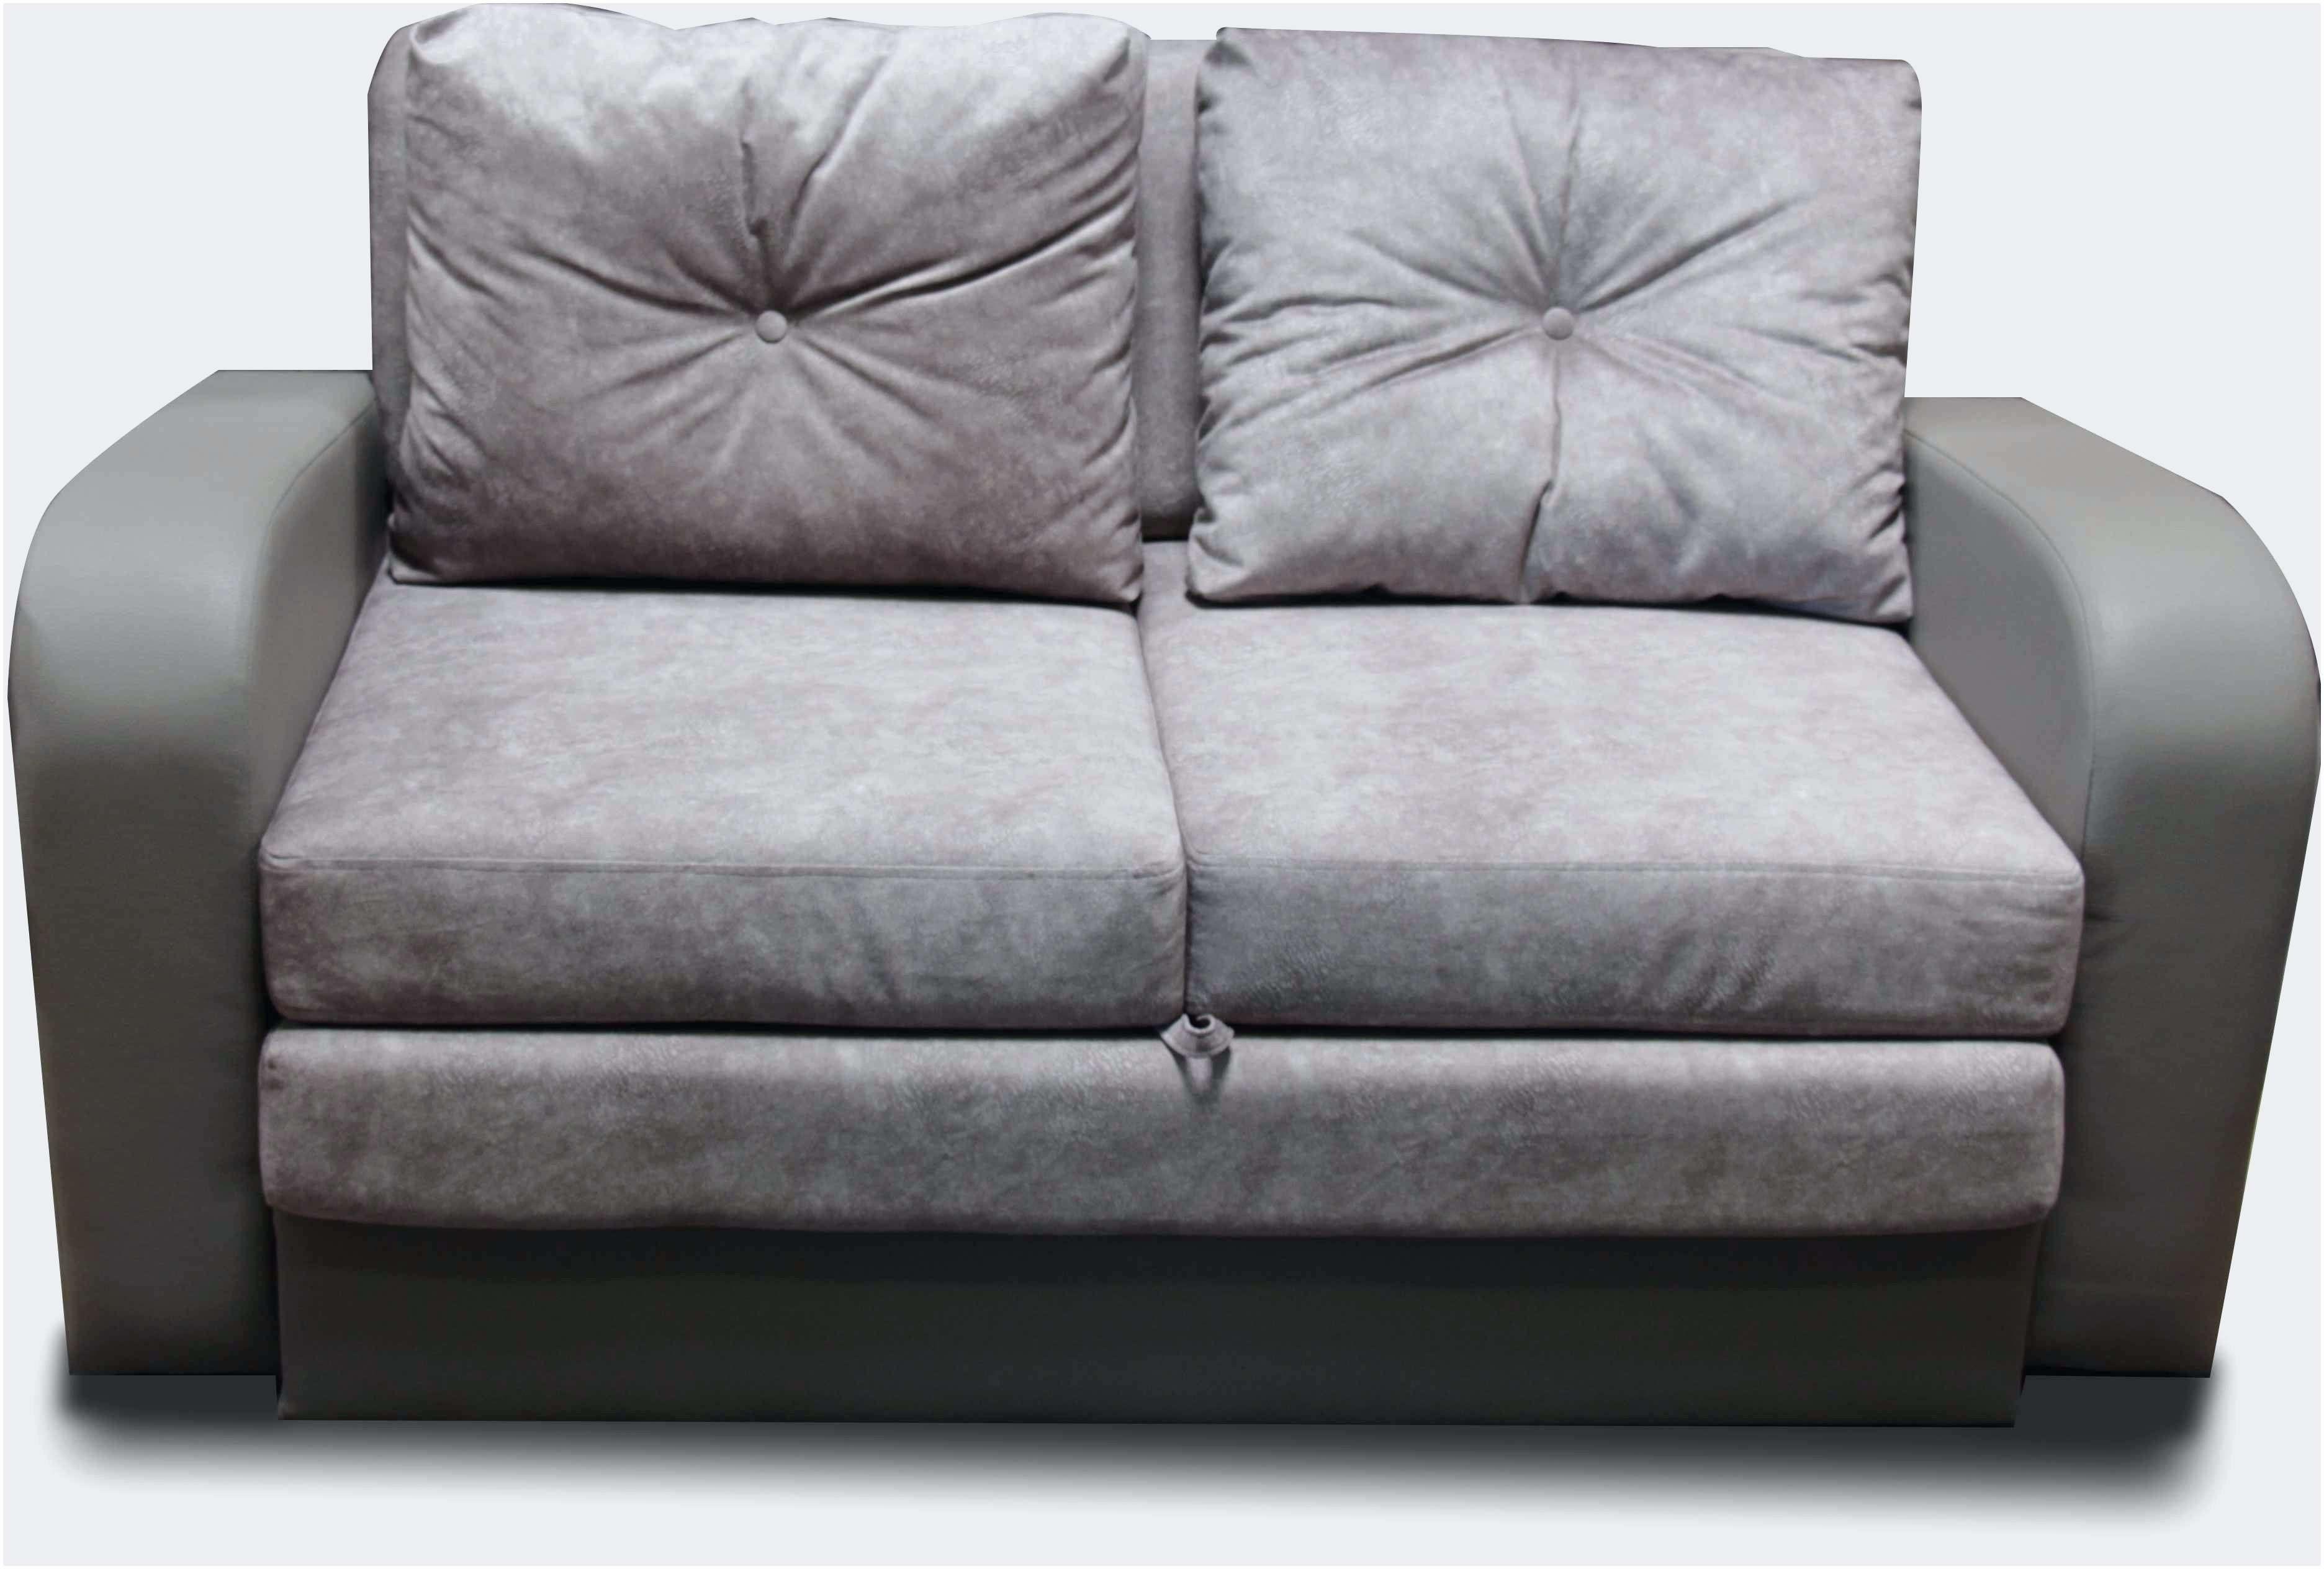 Canapé Lit Bz Impressionnant Unique Ikea Canape Lit Bz Conforama Alinea Bz Canape Lit Place